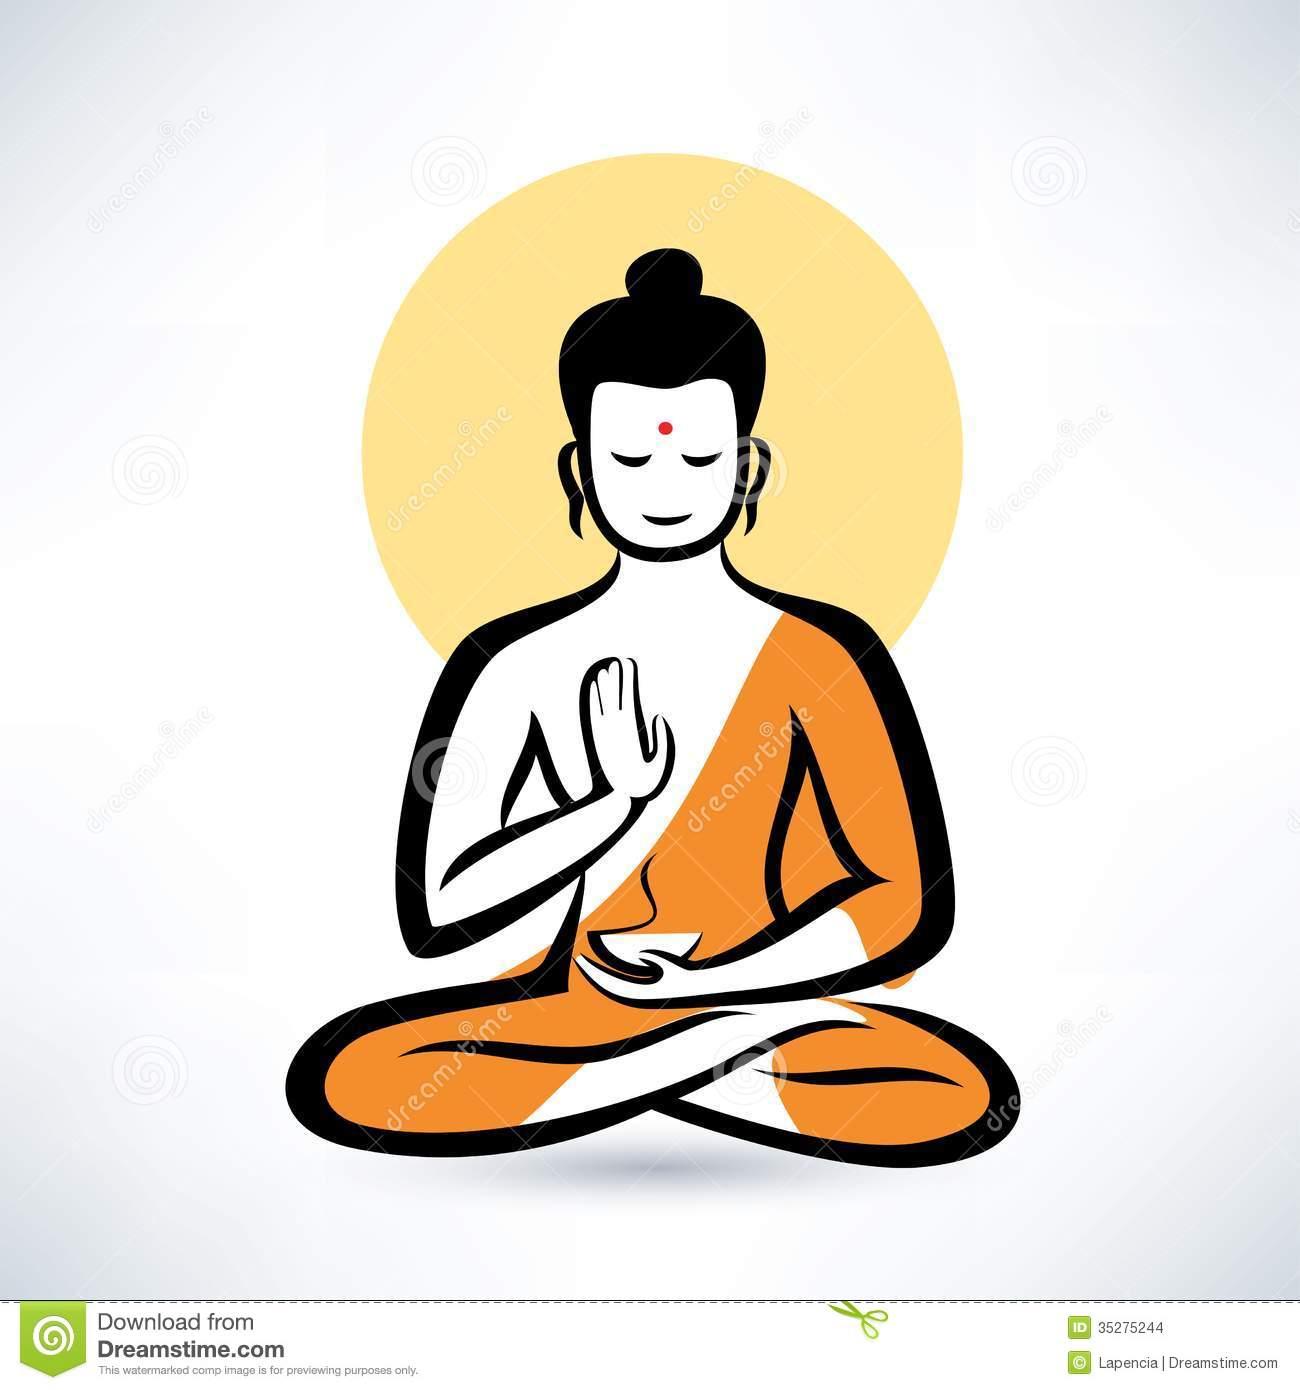 Man meditation clipart.